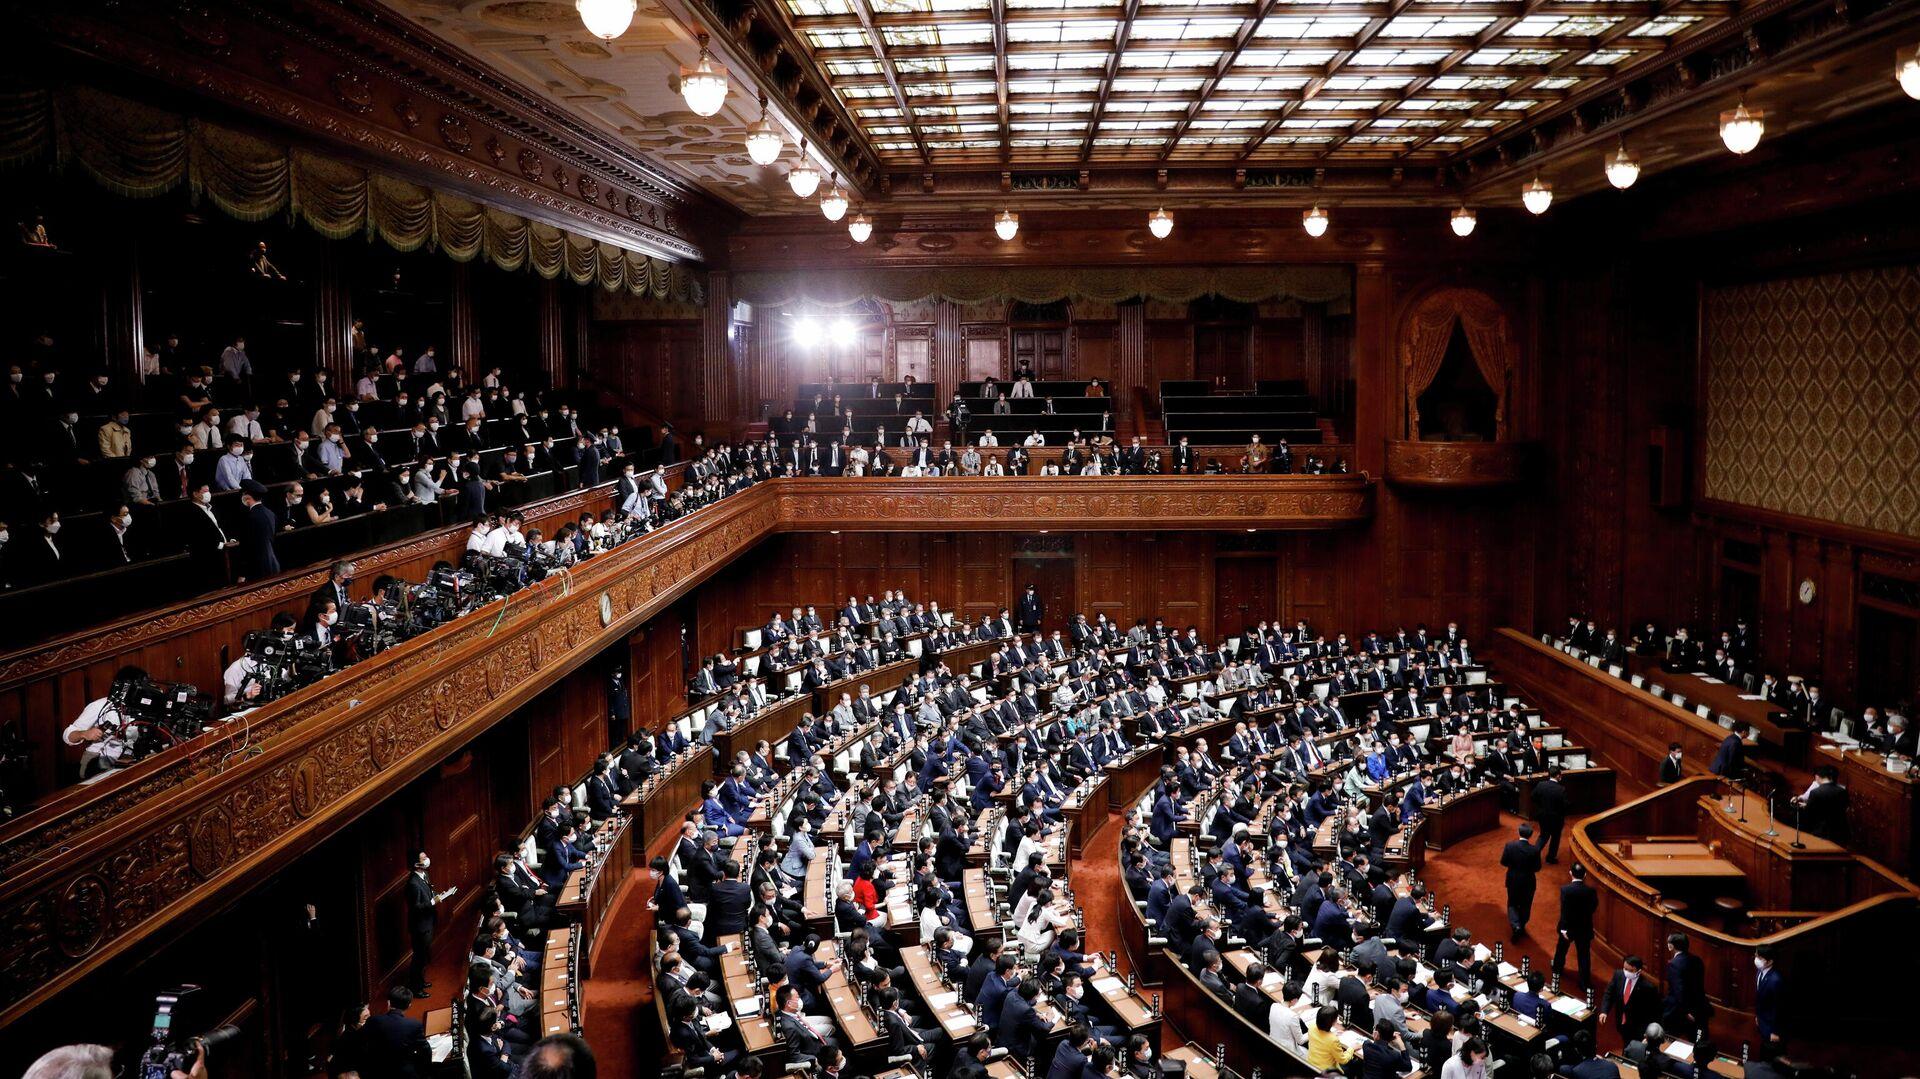 Заседании нижней палаты парламента в Токио, Япония - РИА Новости, 1920, 14.10.2021